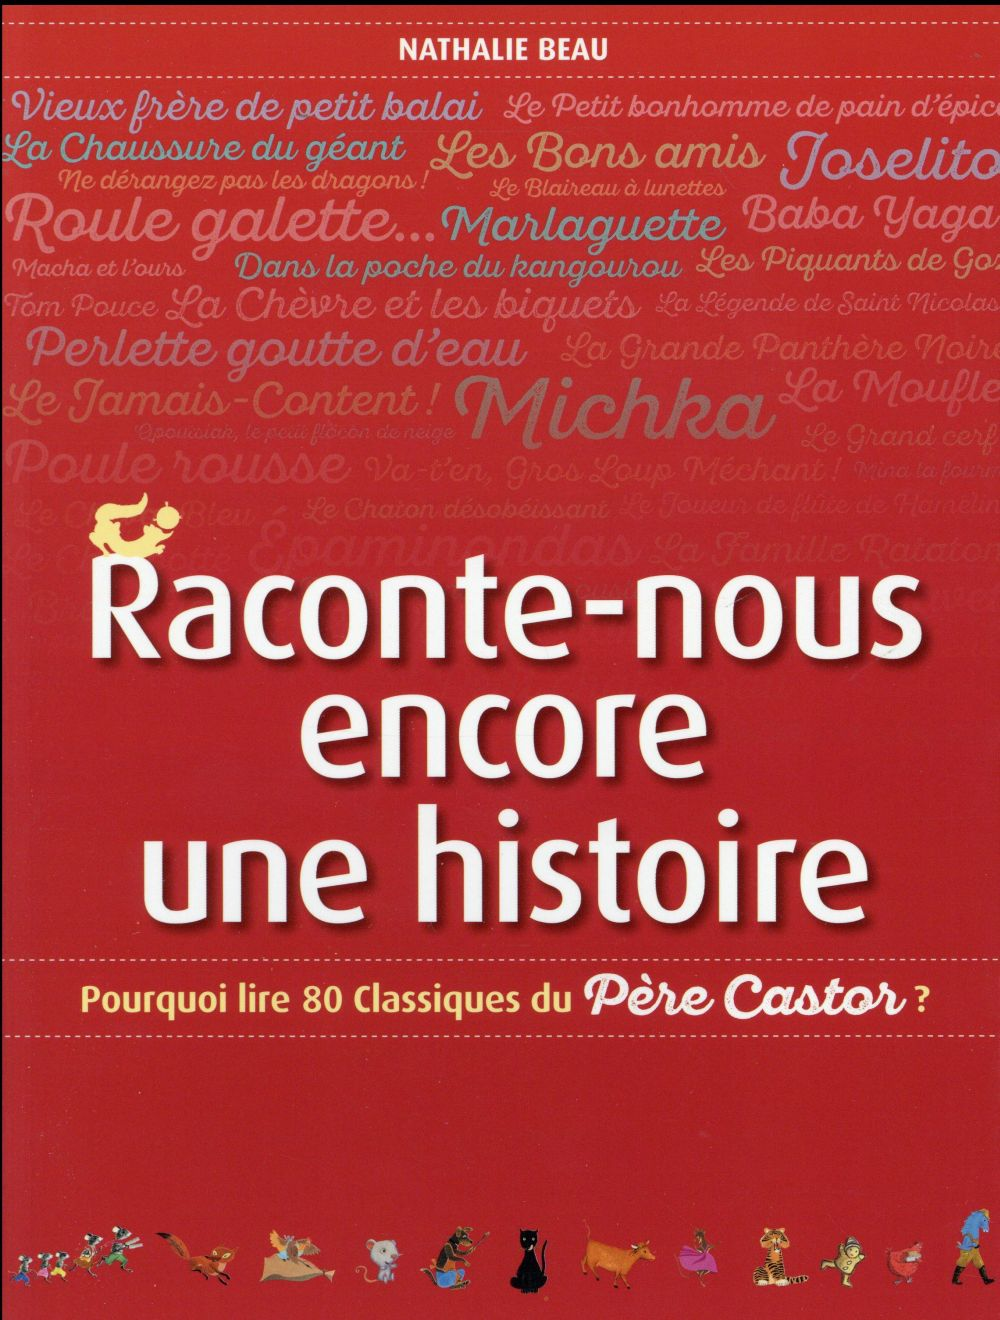 RACONTE-NOUS ENCORE UNE HISTOIRE